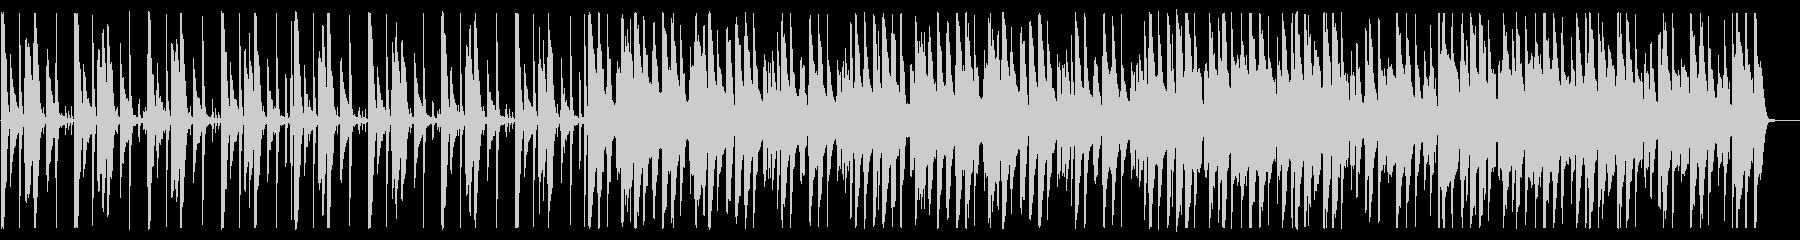 ほのぼの切ない_No660_3の未再生の波形